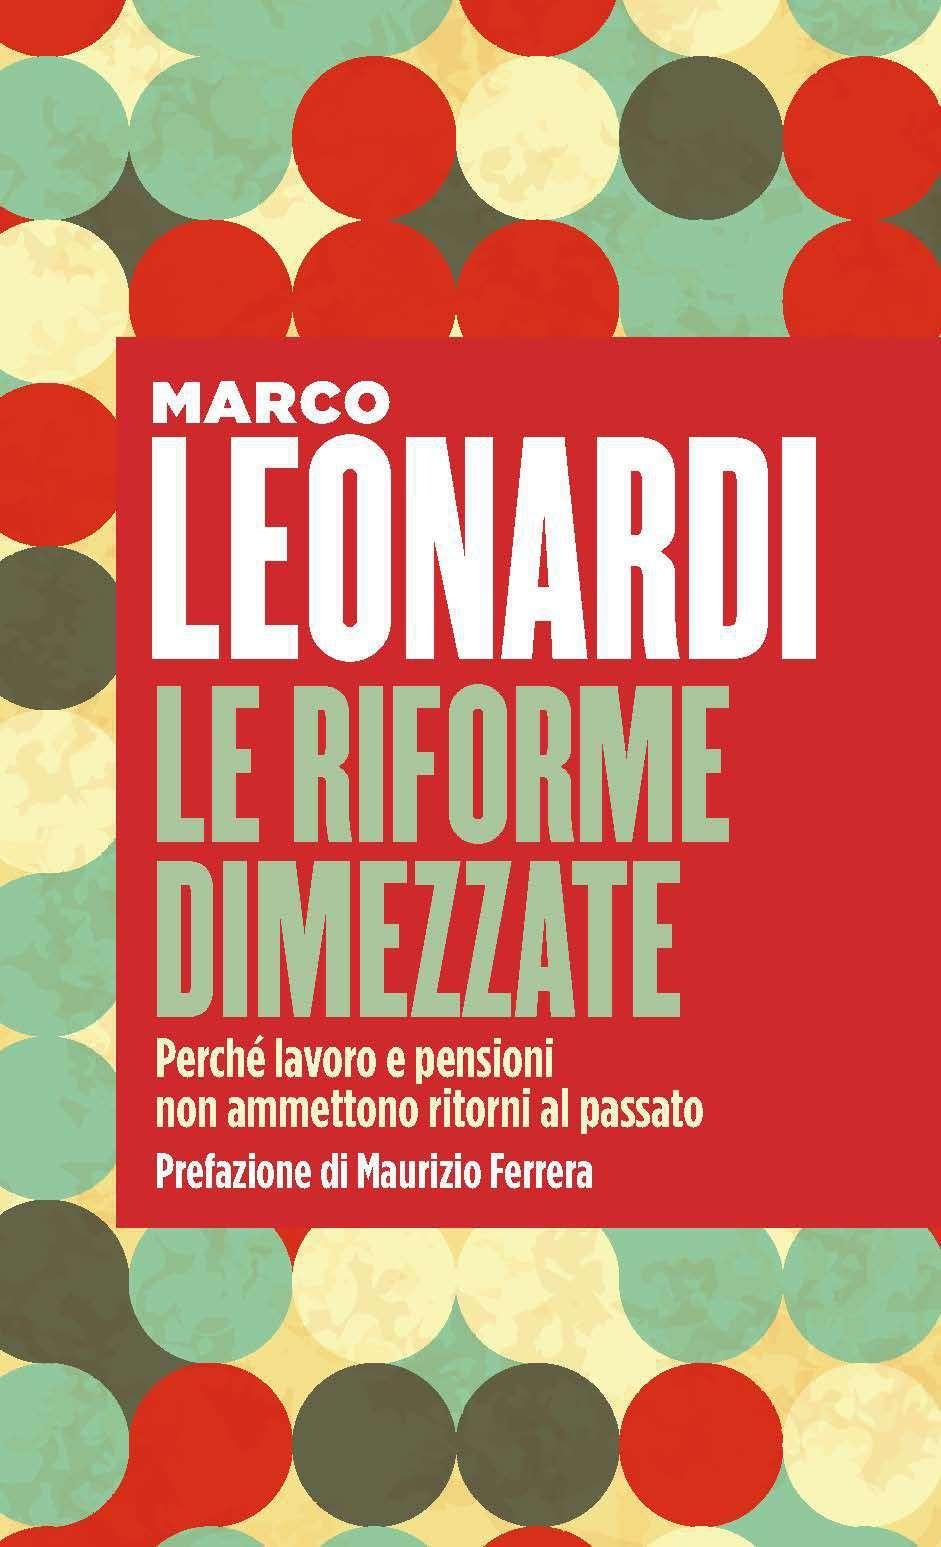 Le riforme dimezzate libro di Marco Leonardi